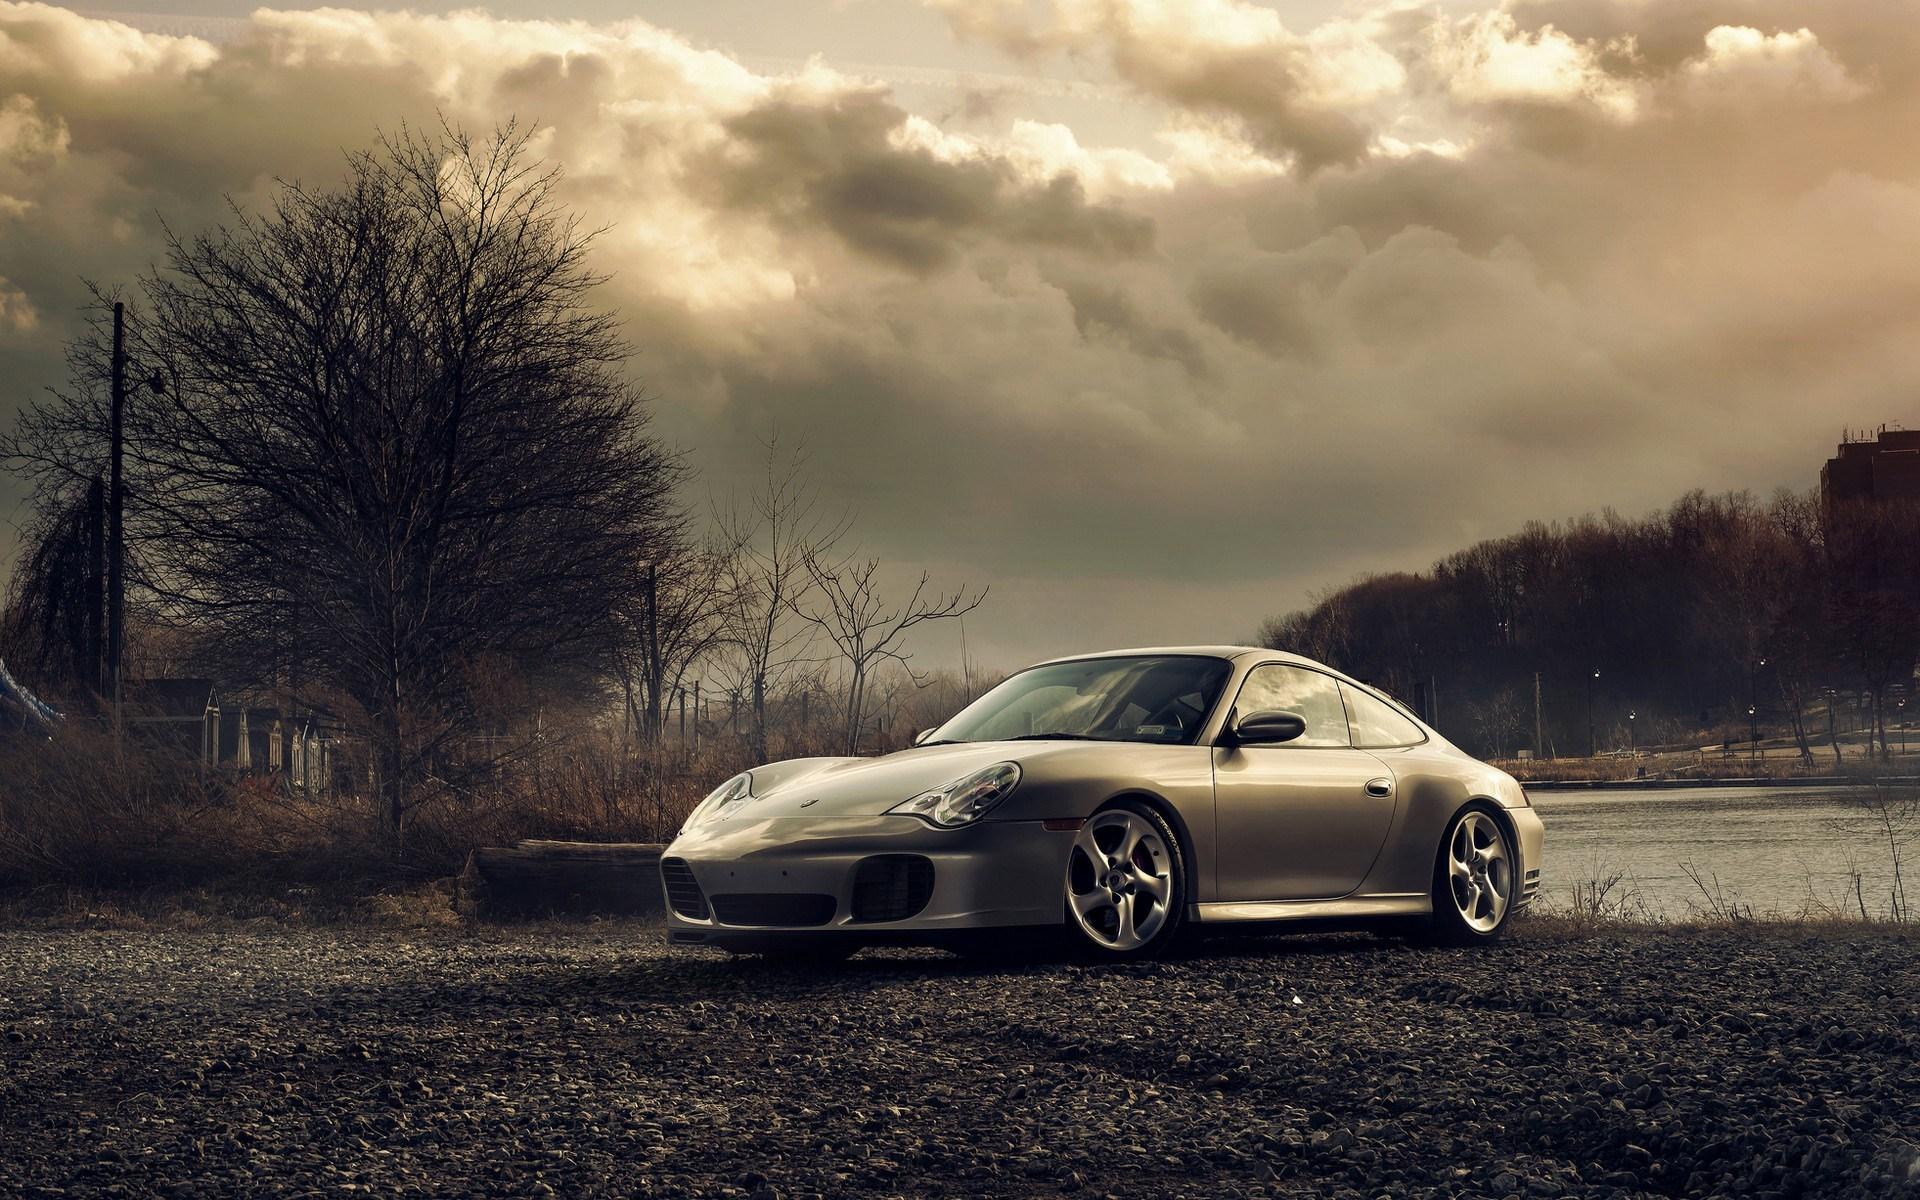 Porsche 911 Wallpaper Hd   image 73 1920x1200